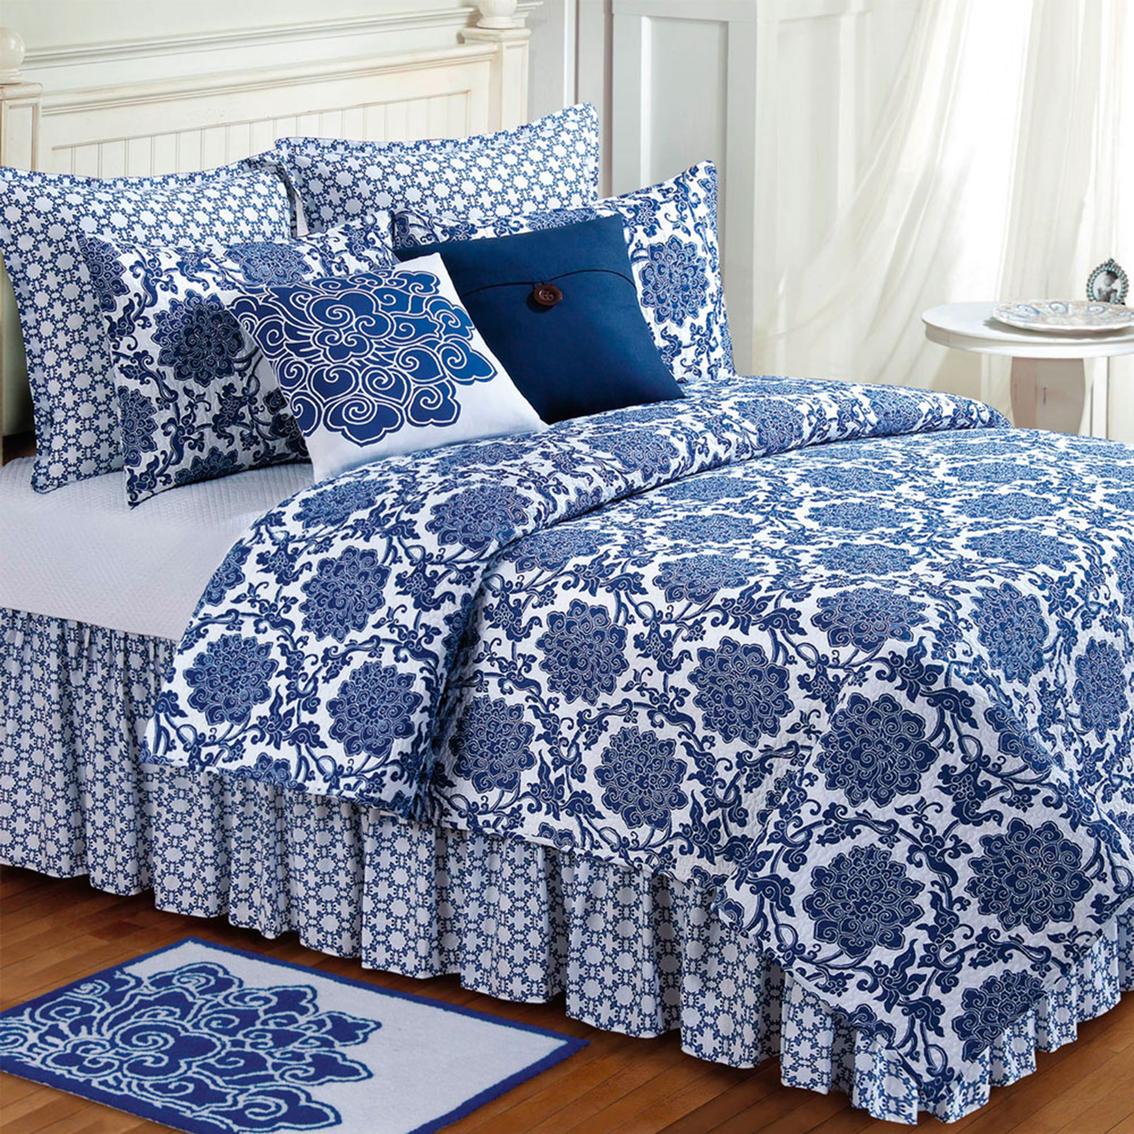 Decorative Standard Pillow Shams : C&f Home Davenport Standard Sham Decorative Pillows & Shams Home & Appliances Shop The ...